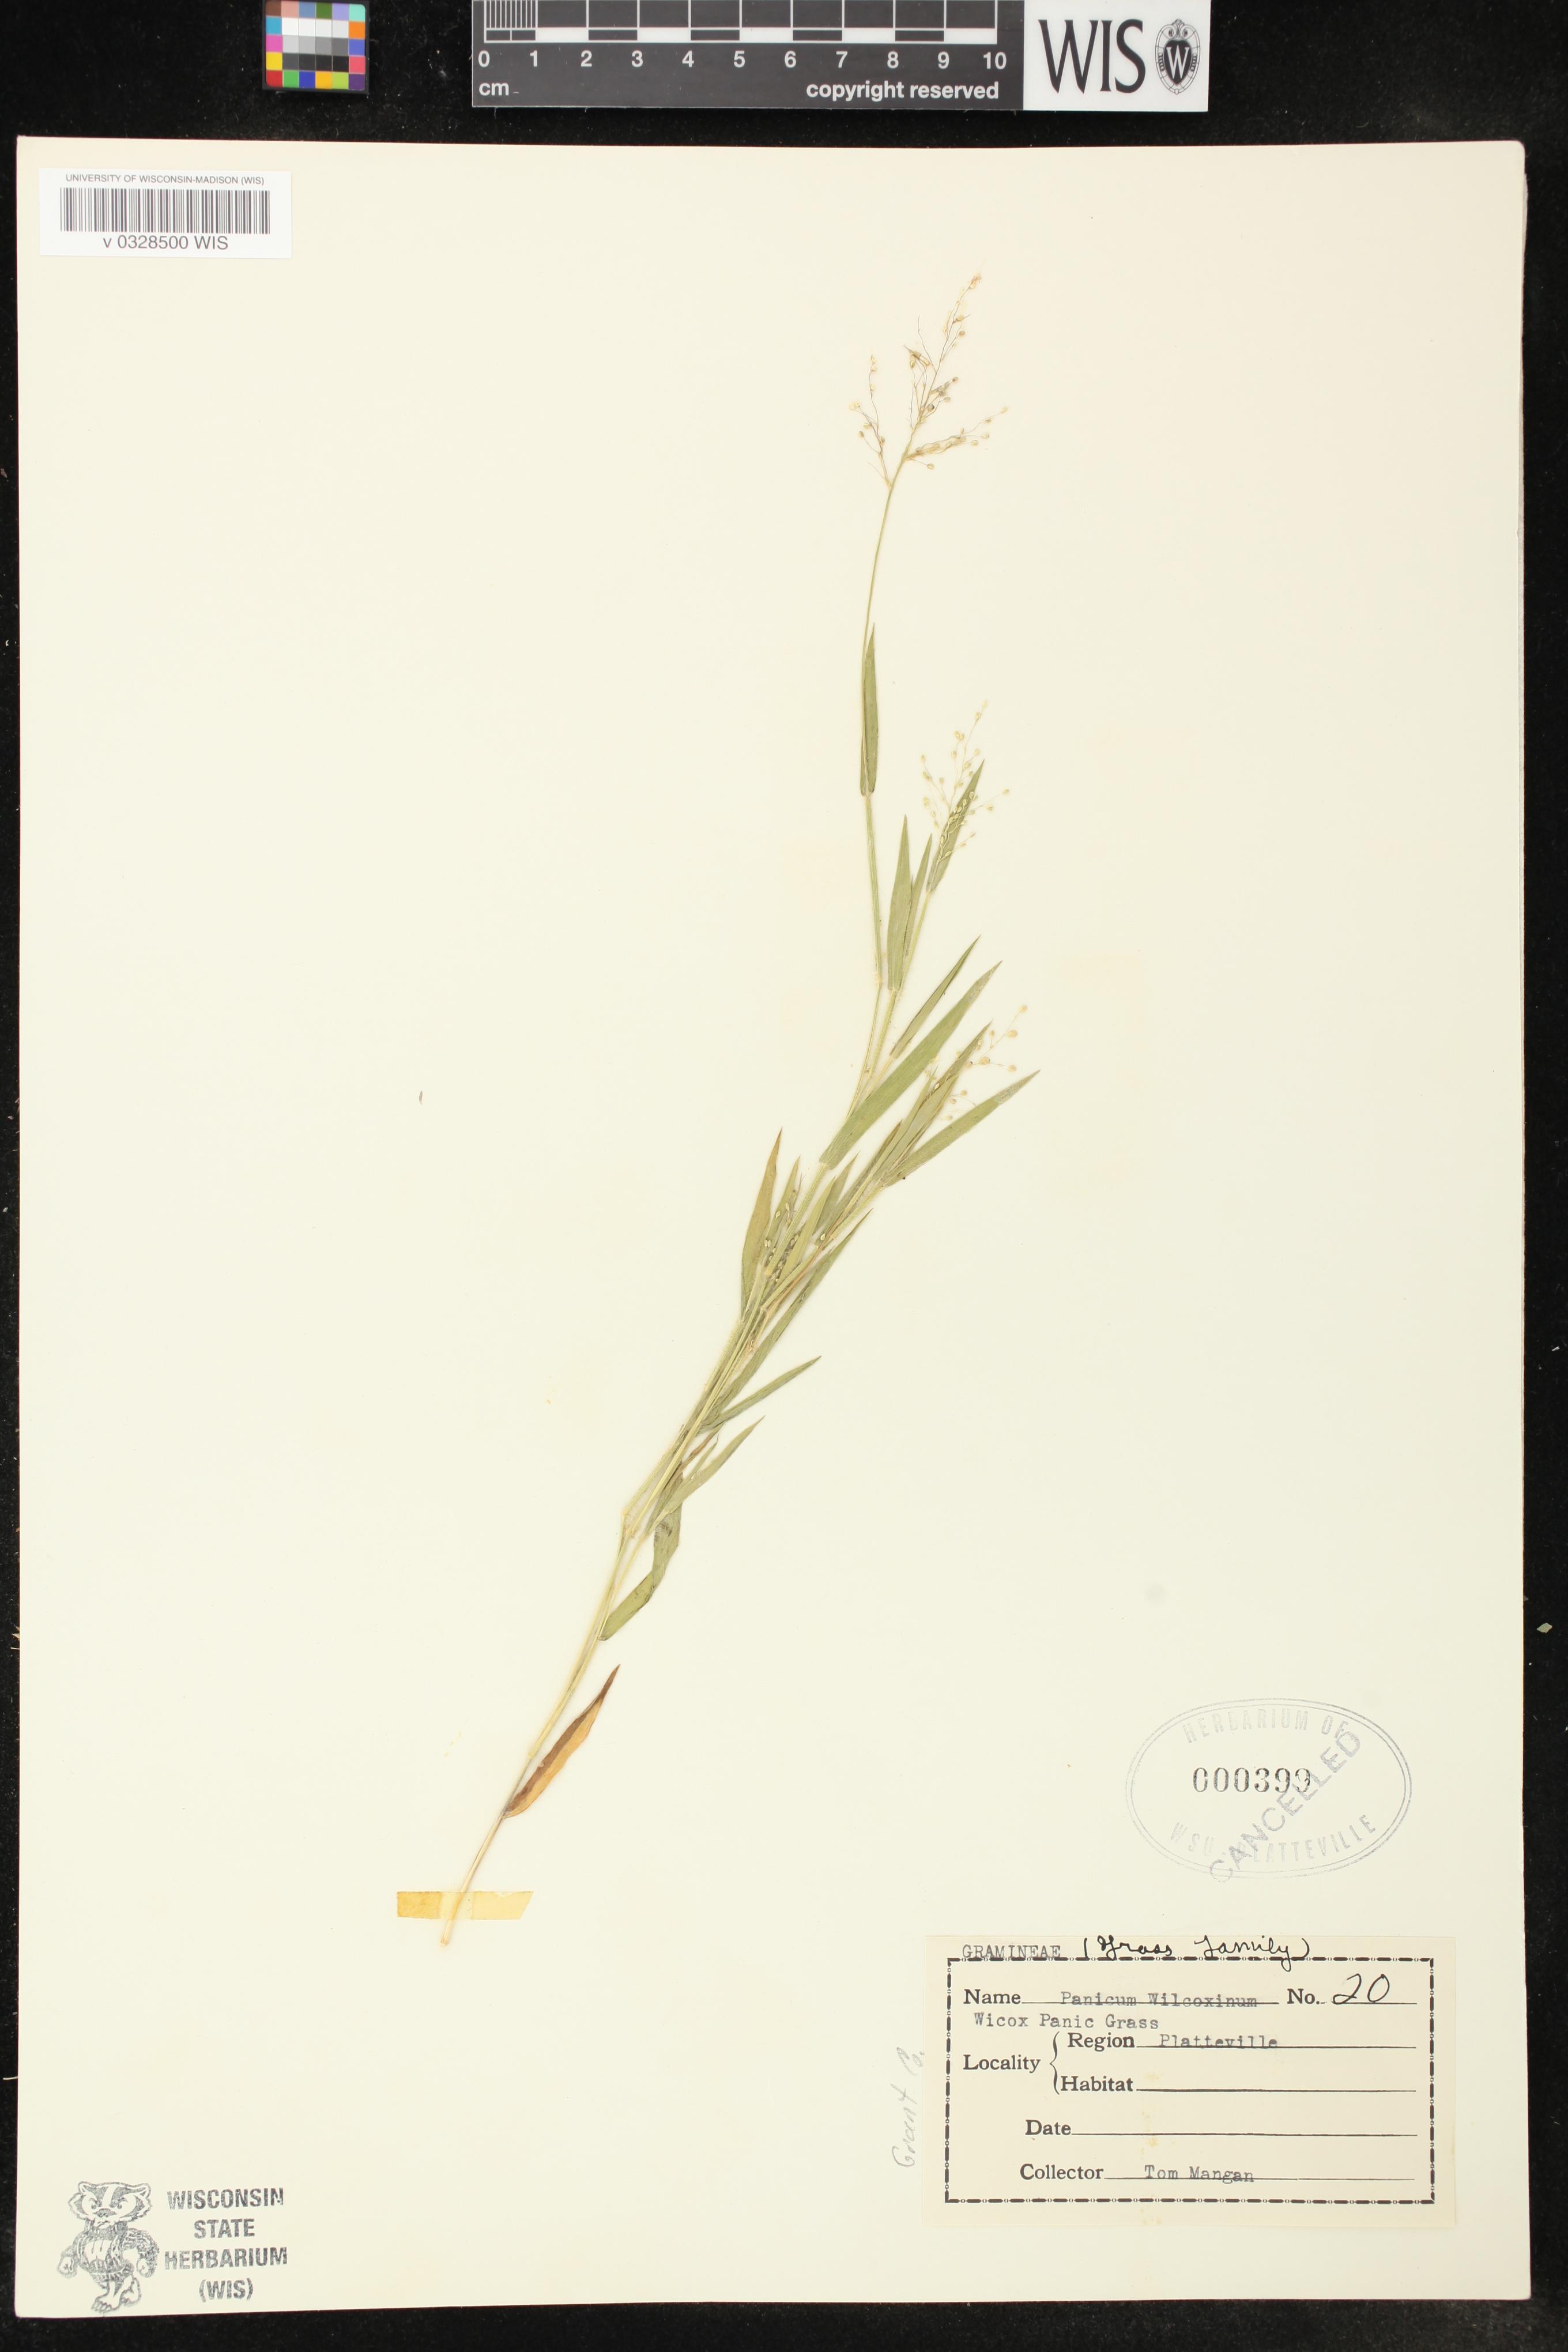 Image of Dichanthelium wilcoxianum